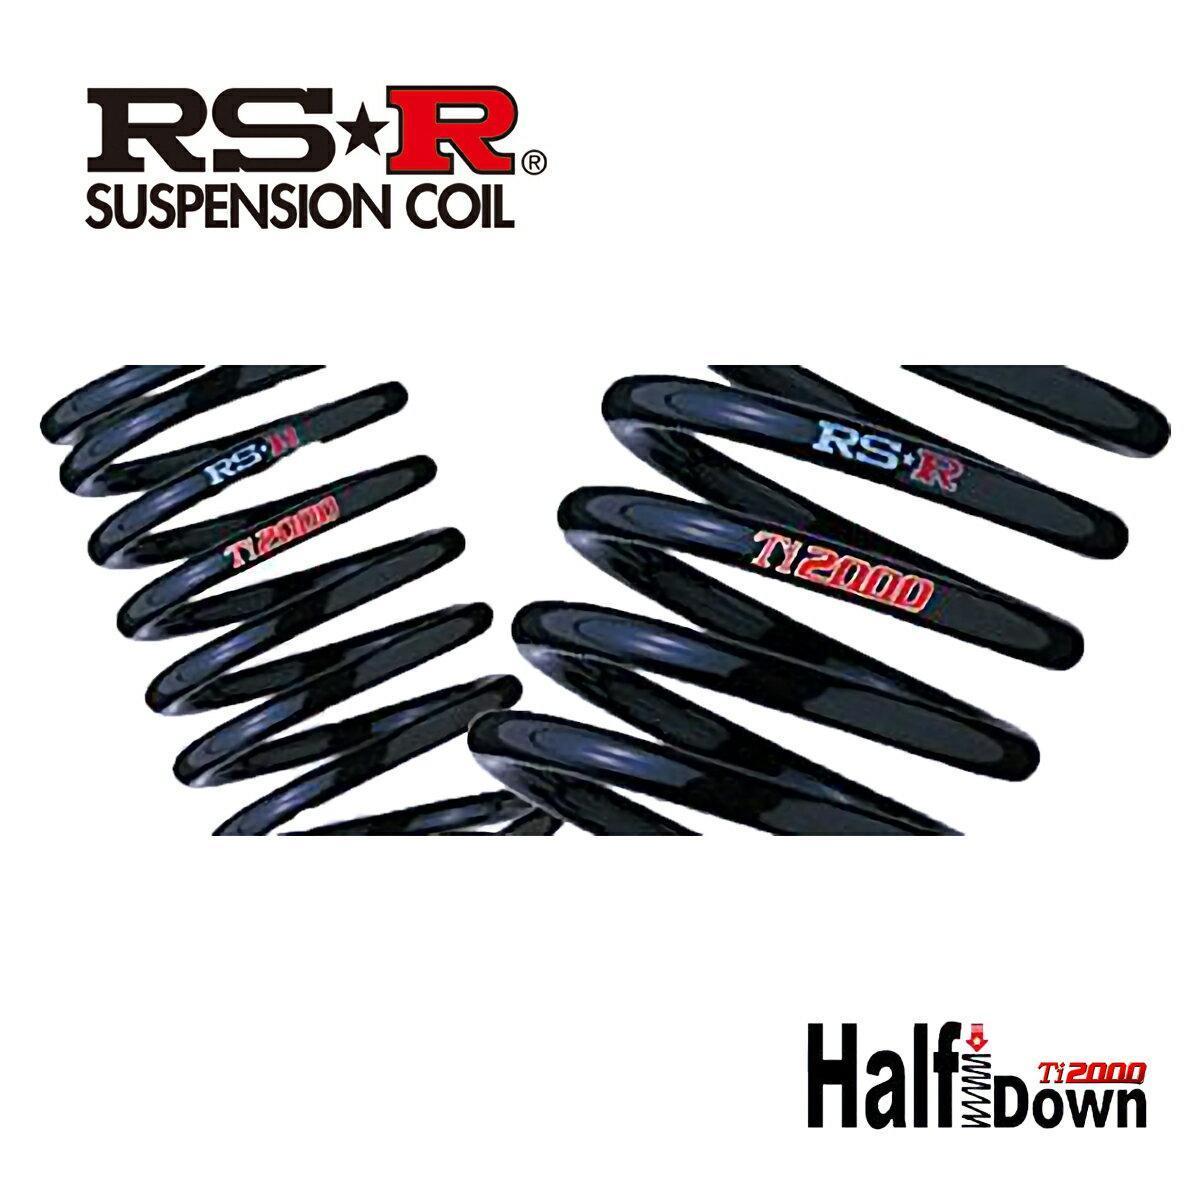 RS-R ヴェルファイア 2.5X/2.5Z Gエディション AGH30W ダウンサス スプリング リア T940THDR Ti2000 ハーフダウン RSR 個人宅発送追金有